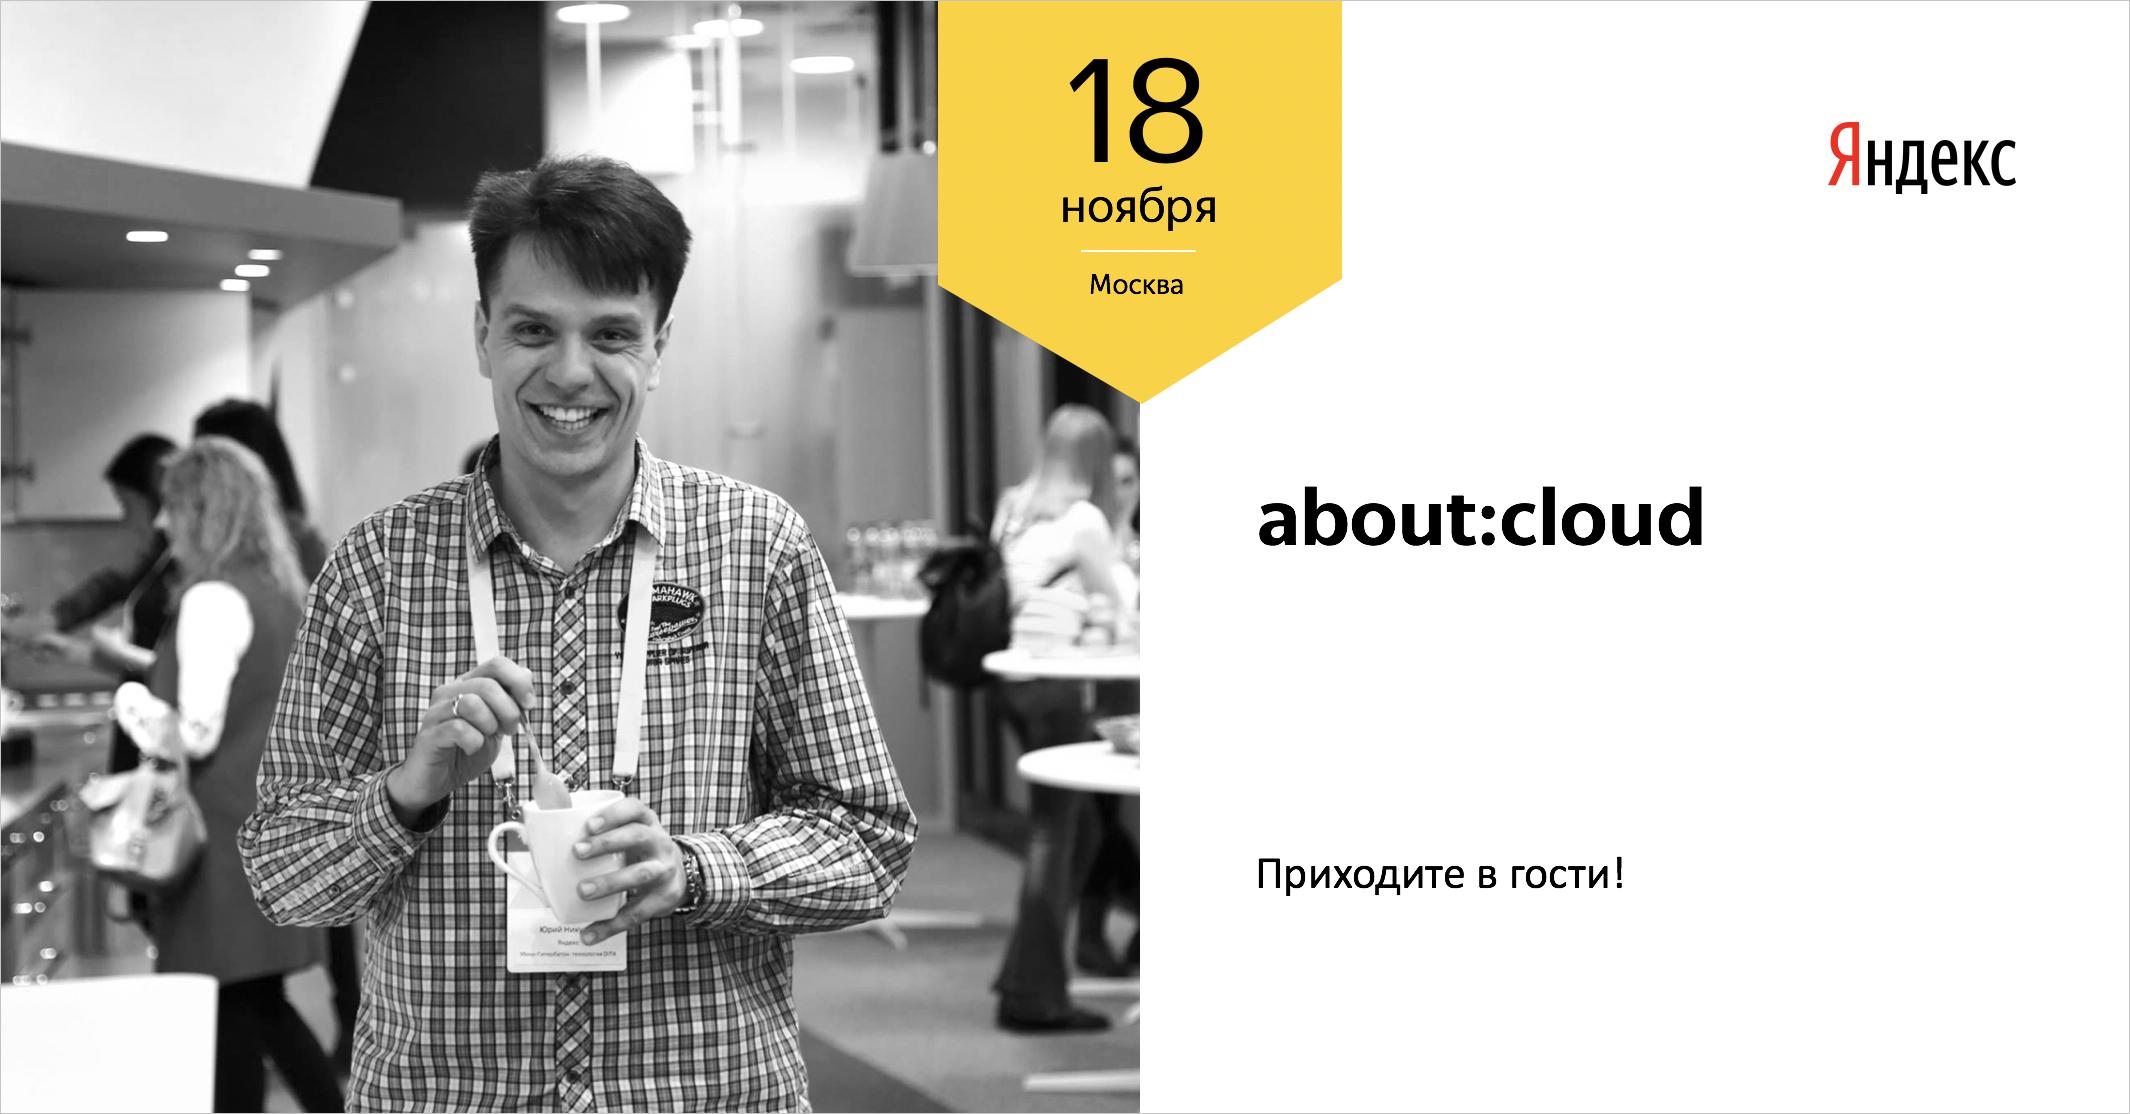 Приглашаем на about:cloud — первое мероприятие про облачные технологии от команды Яндекс.Облака